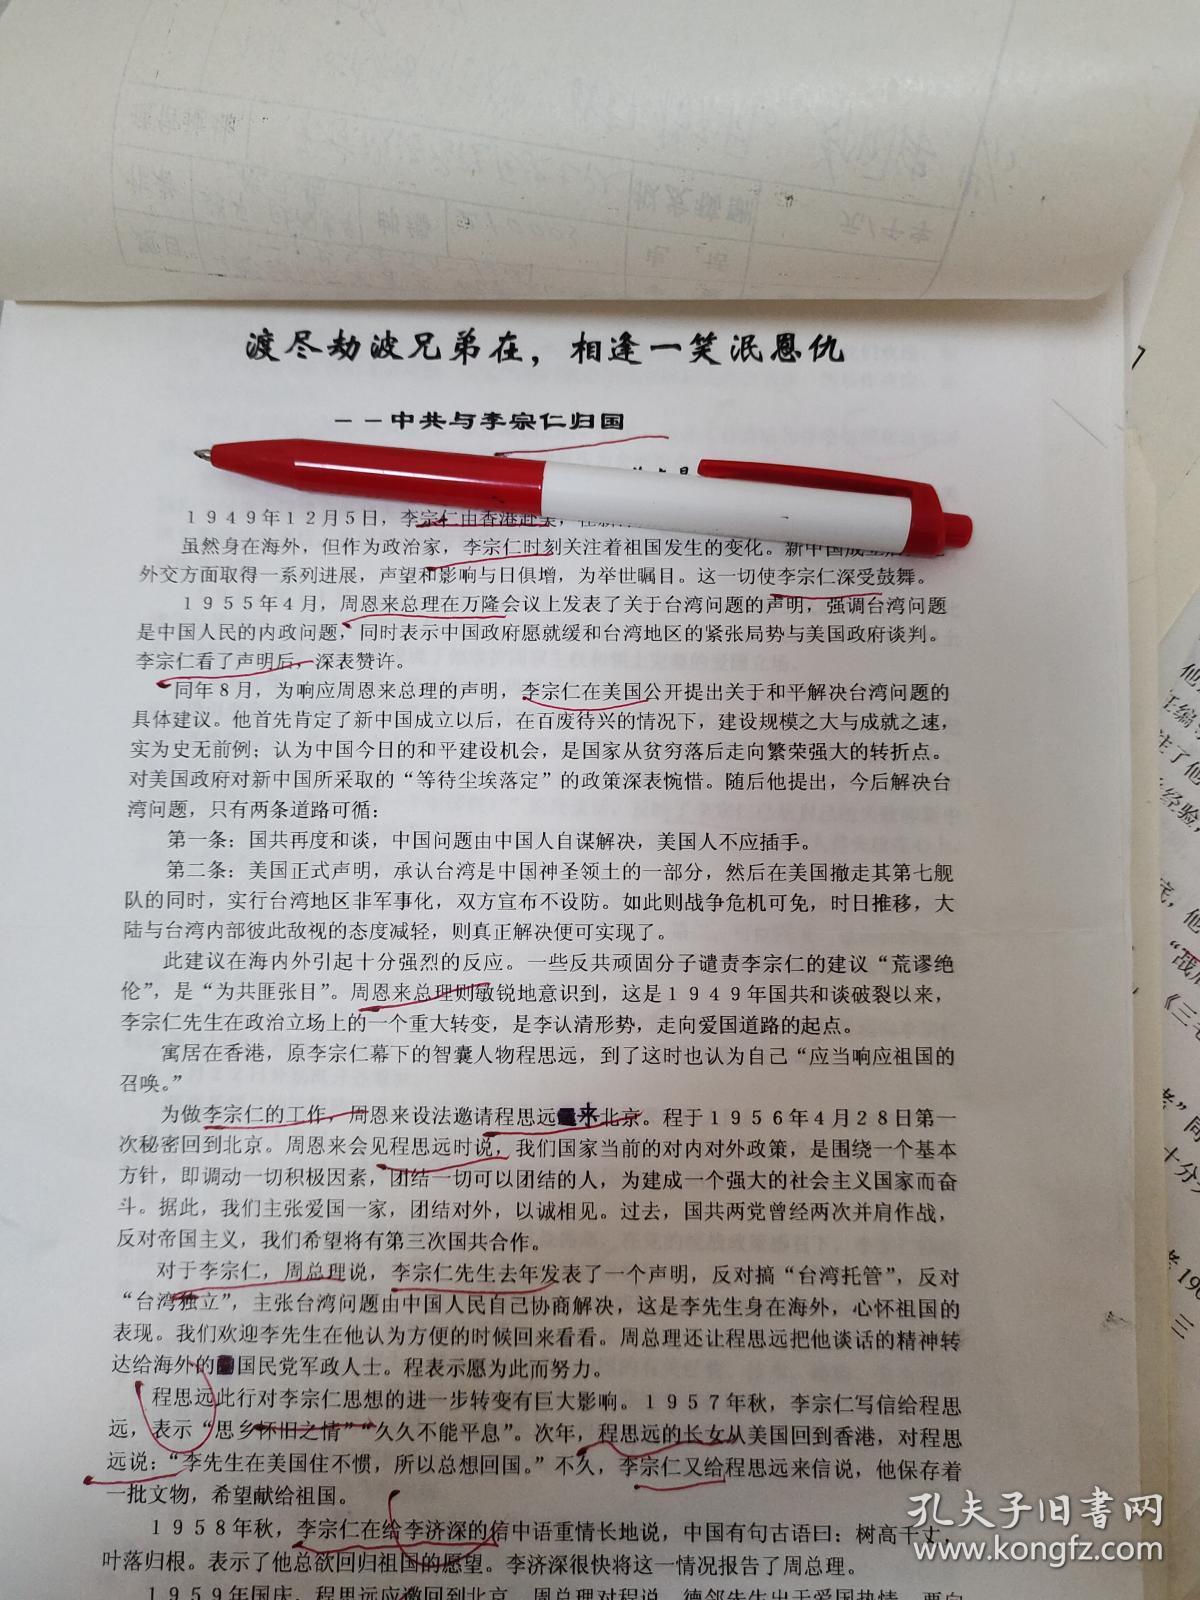 教育资料:李宗仁归国记3页码、提及1949、李宗仁、周总理,程思远、李济深、郭德洁(原名儒仙,广西桂平市人,李宗仁夫人)、